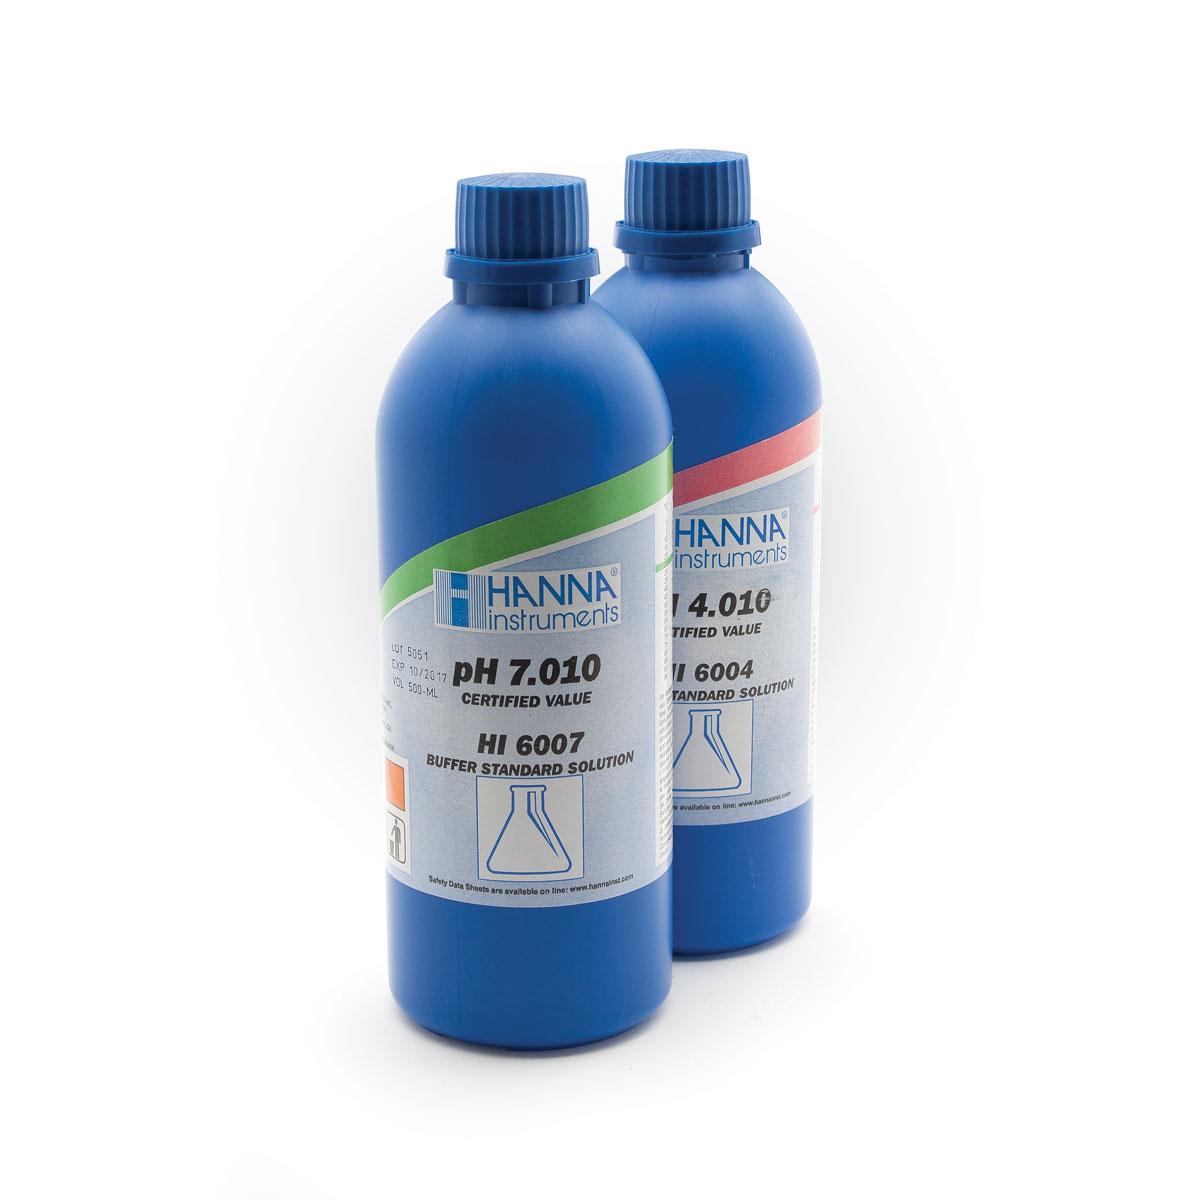 HI6074 pH 7.413 Millesimal Calibration Buffer (500 mL)